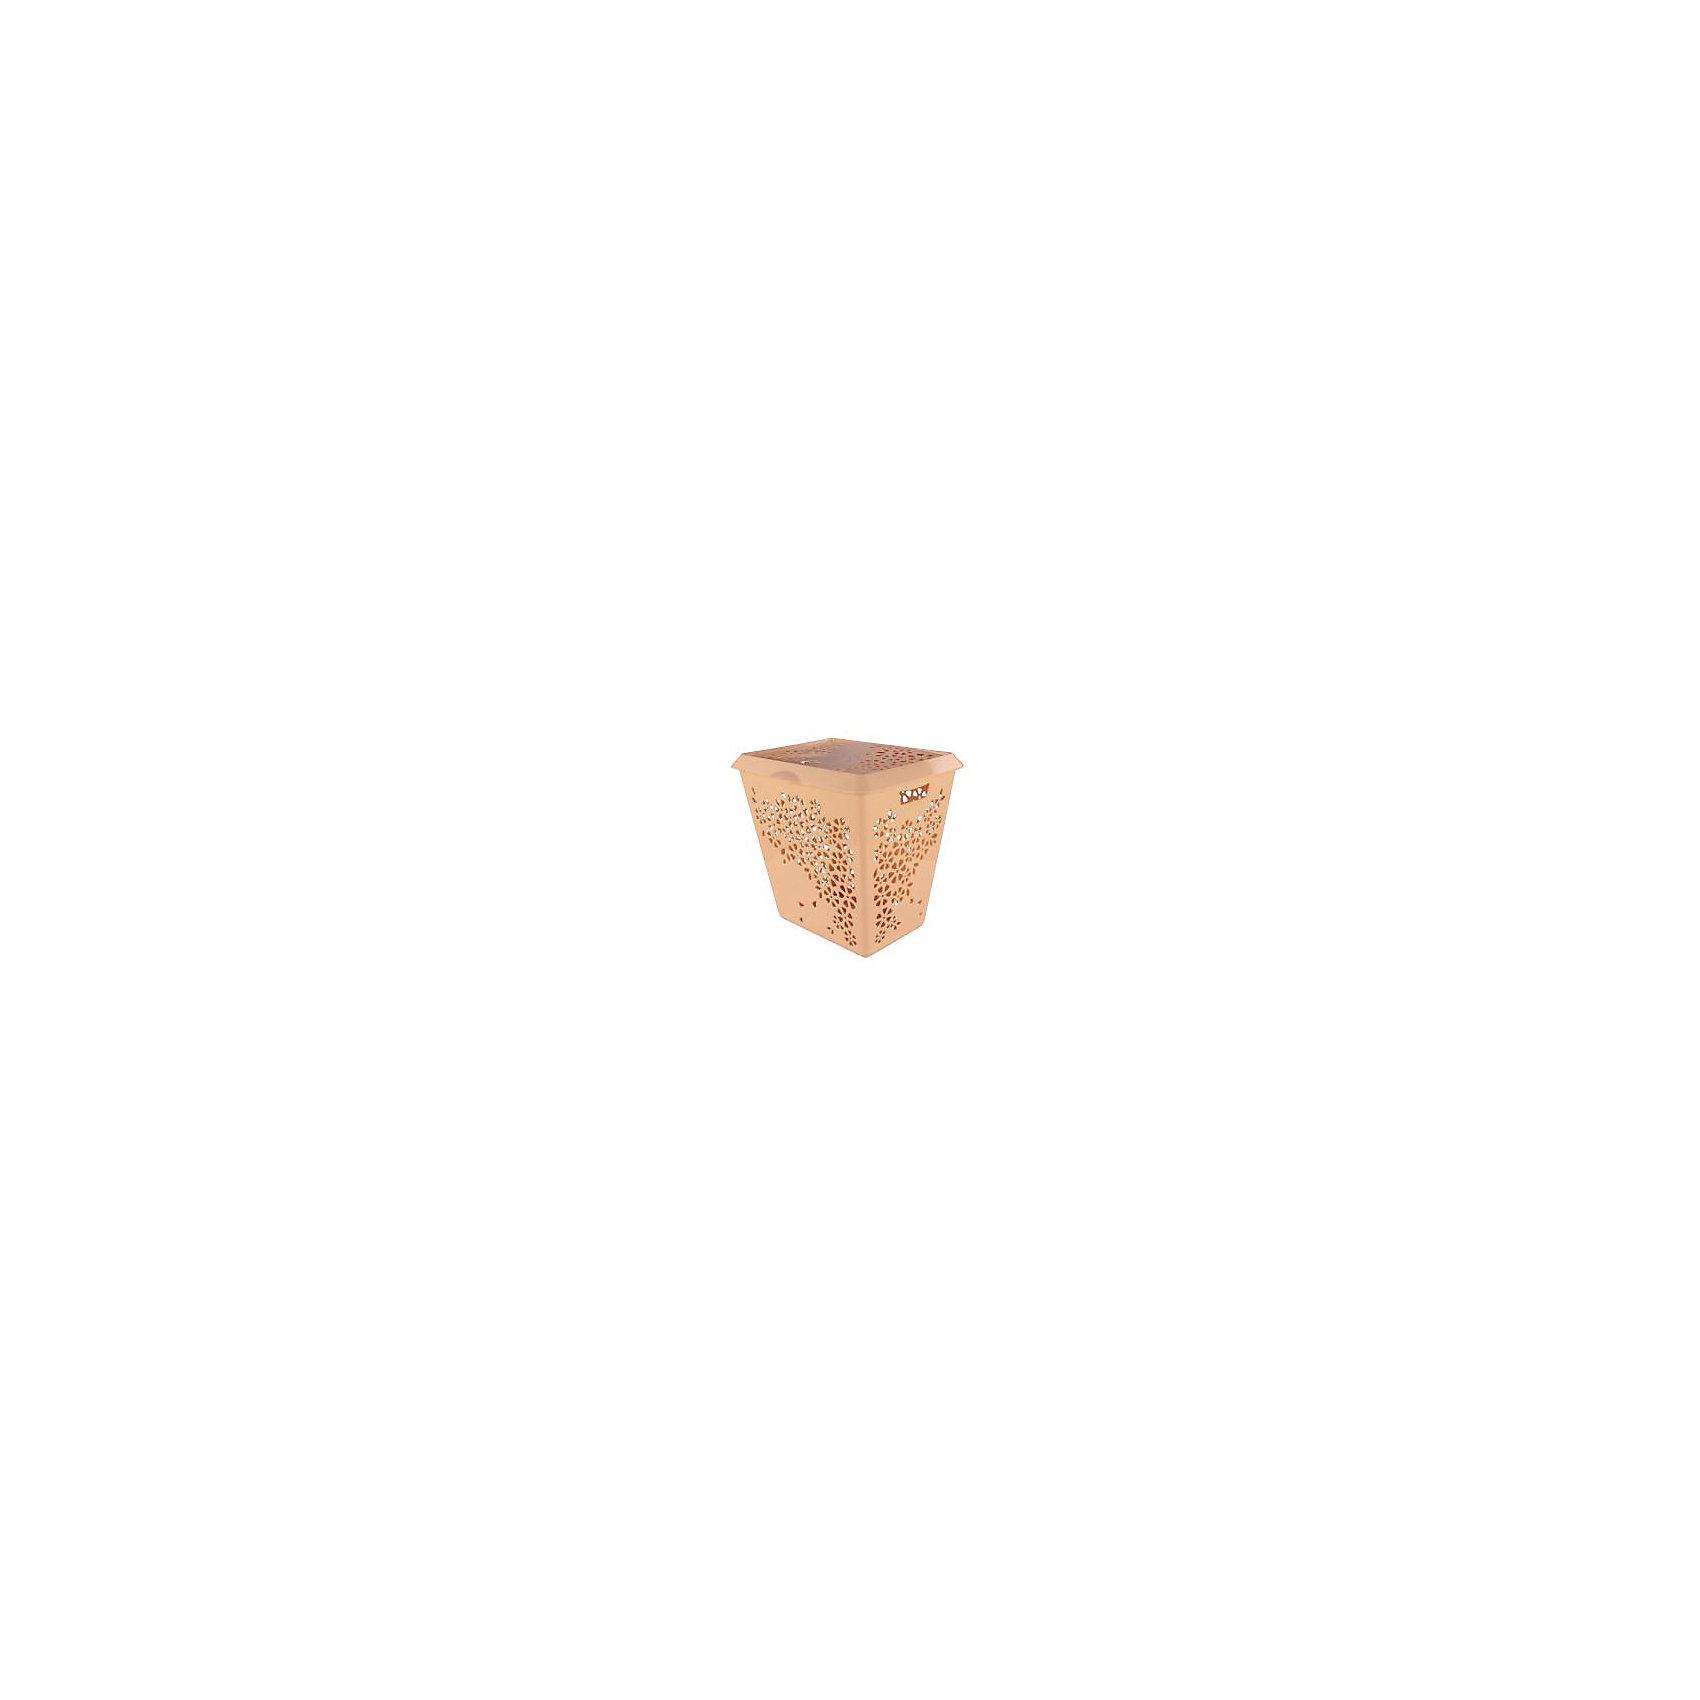 Корзина для белья Эстель , Alternativa, бежевыйВанная комната<br>Корзина для белья Эстель , Alternativa (Альтернатива), бежевый<br><br>Характеристики:<br><br>• красивый дизайн<br>• удобная ручка крышки и выемки для переноса<br>• материал: пластик<br>• цвет: бежевый<br>• размер: 45,5х38,8х45,5 см<br>• вес: 2,5 кг<br><br>Эстель - корзина для белья, изготовленная из качественного прочного пластика. Она имеет две выемки по бокам для удобства переноса. Крышка оснащена небольшой ручкой, с помощью которой вы с легкостью откроете корзину при необходимости. Изделие оформлено цветочным узором, который, к тому же, служит вентиляцией. Он препятствует появлению неприятного запаха от белья.<br><br>Корзина для белья Эстель, Alternativa (Альтернатива), бежевый можно купить в нашем интернет-магазине.<br><br>Ширина мм: 455<br>Глубина мм: 388<br>Высота мм: 445<br>Вес г: 2500<br>Возраст от месяцев: 36<br>Возраст до месяцев: 1188<br>Пол: Унисекс<br>Возраст: Детский<br>SKU: 5475643